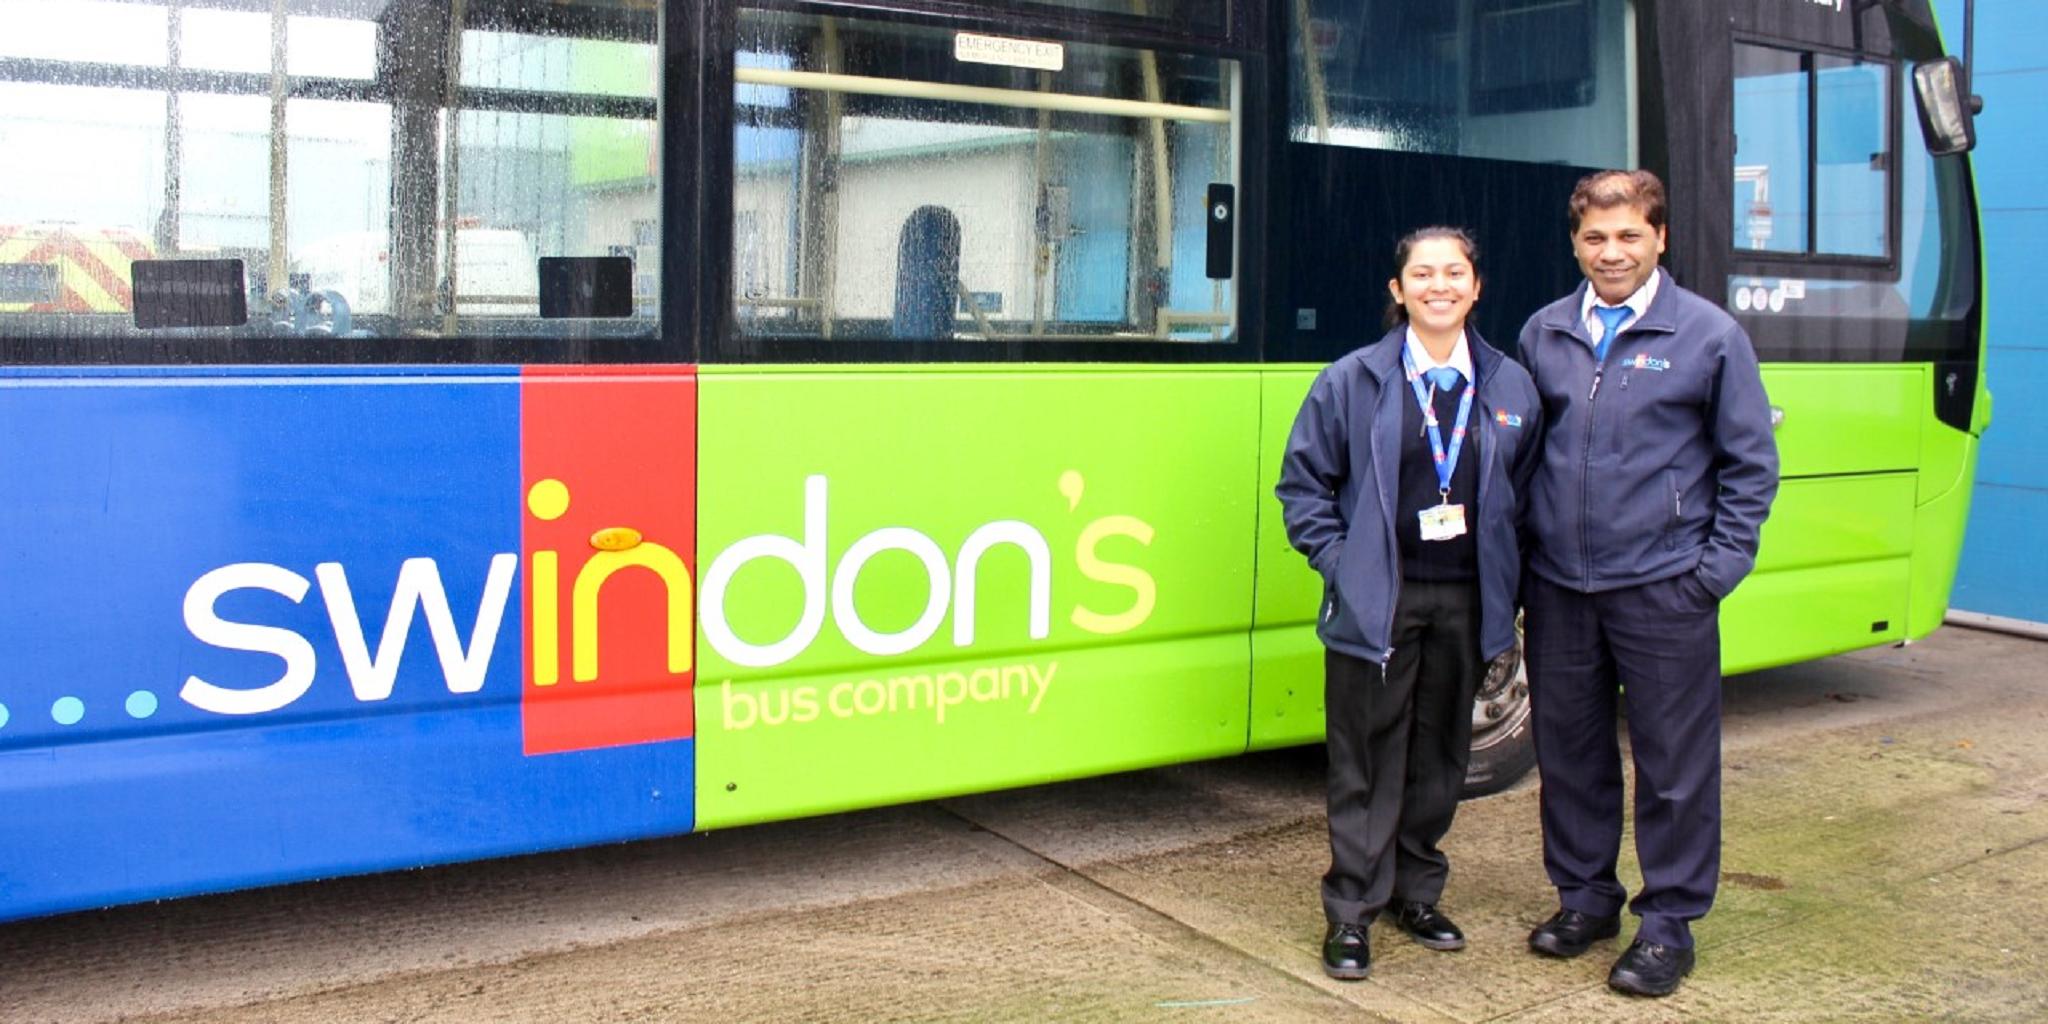 Lycia Estrocio Swindon's Bus Company